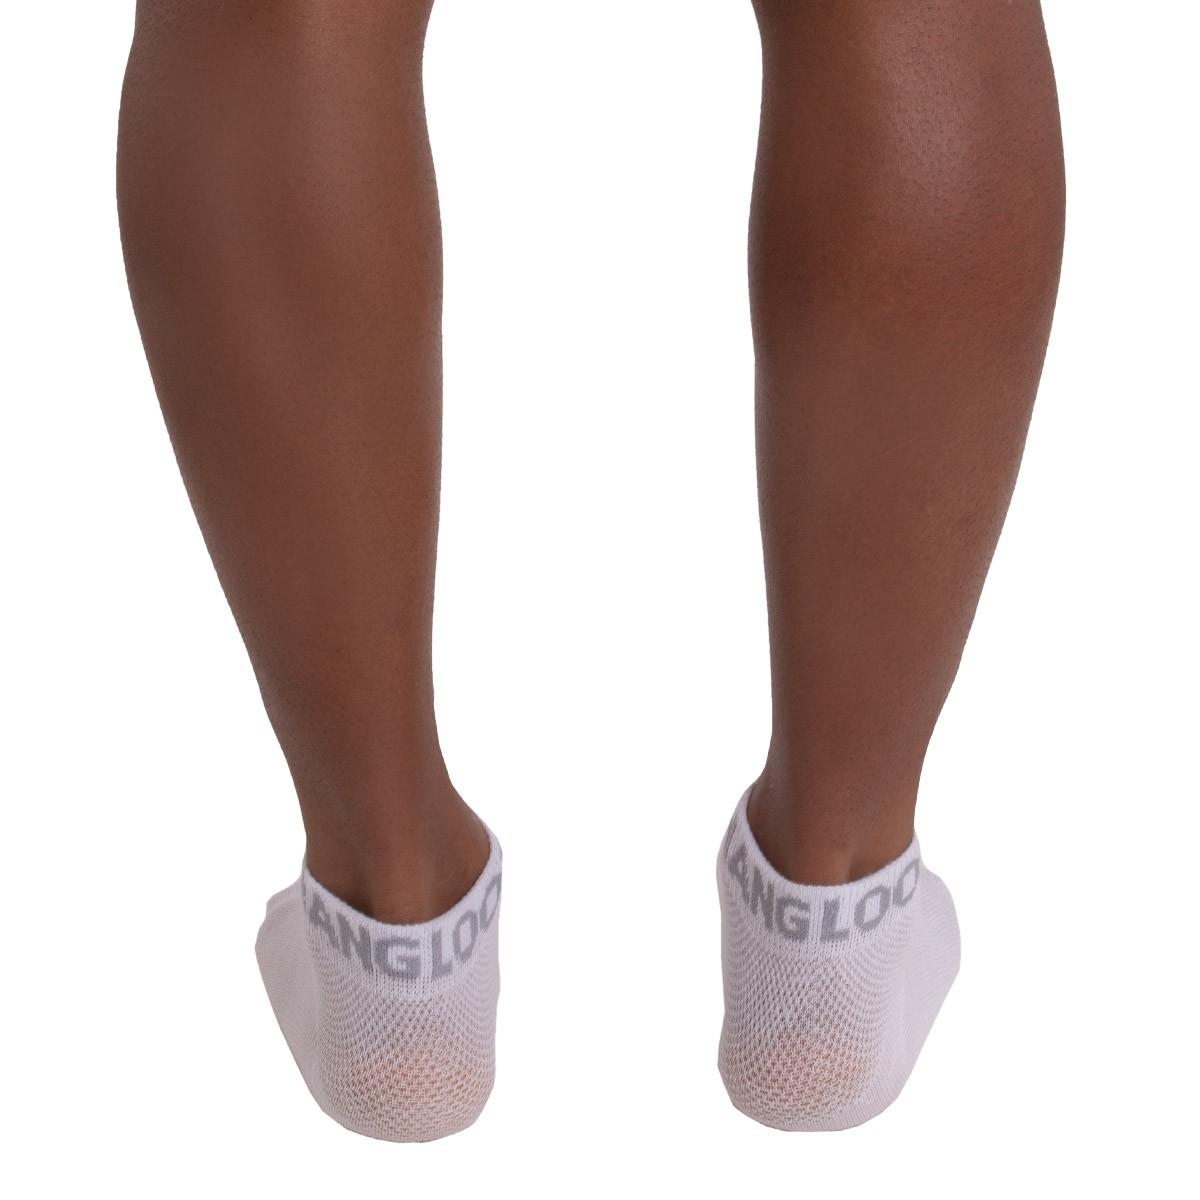 KIT com 3 Meias sapatilha em algodão Hang Loose